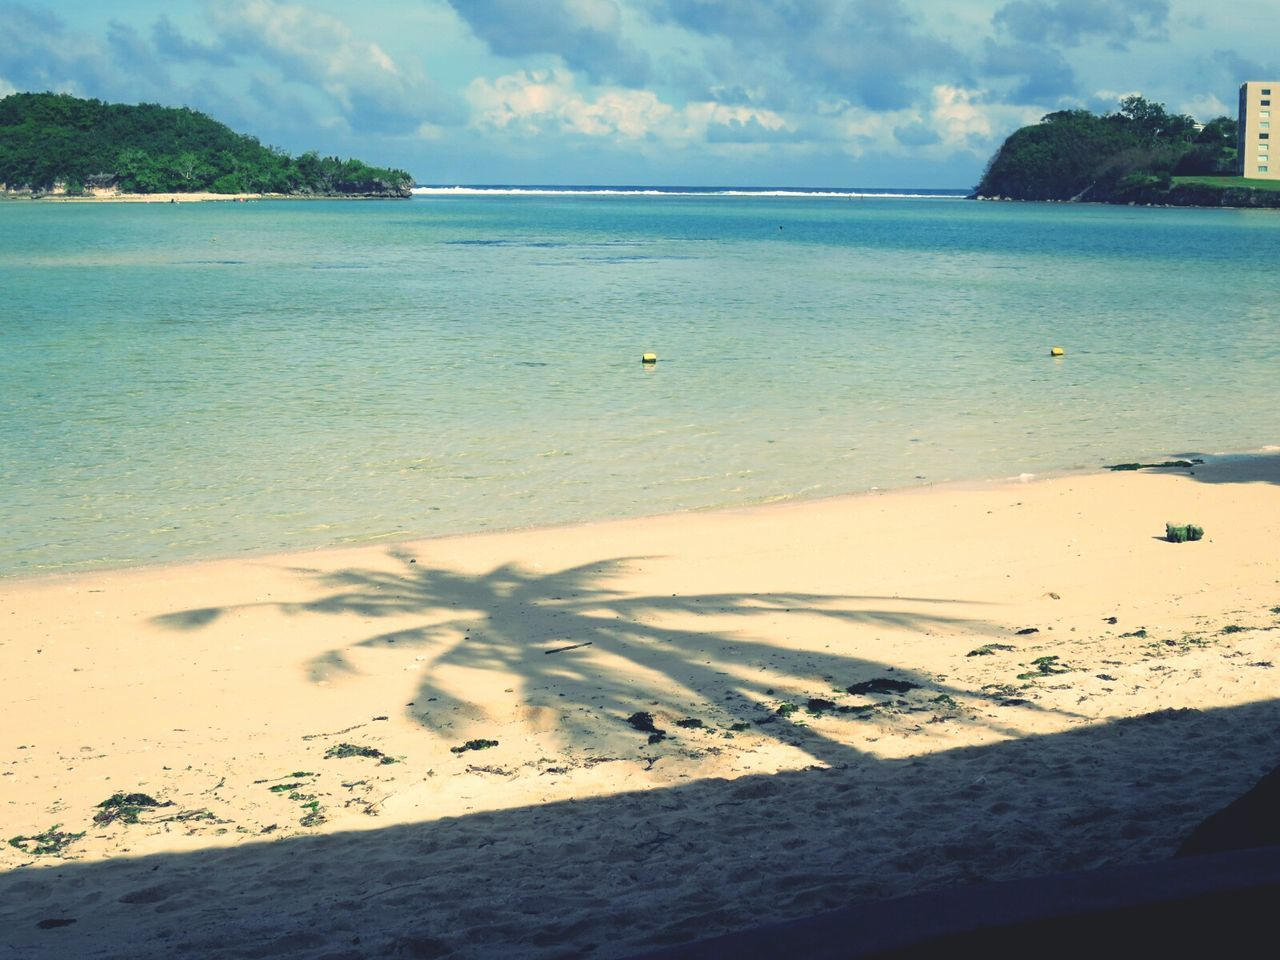 ホテル前 Guam Ocean View Blues Photowalk Canons120 Streamzoofamily